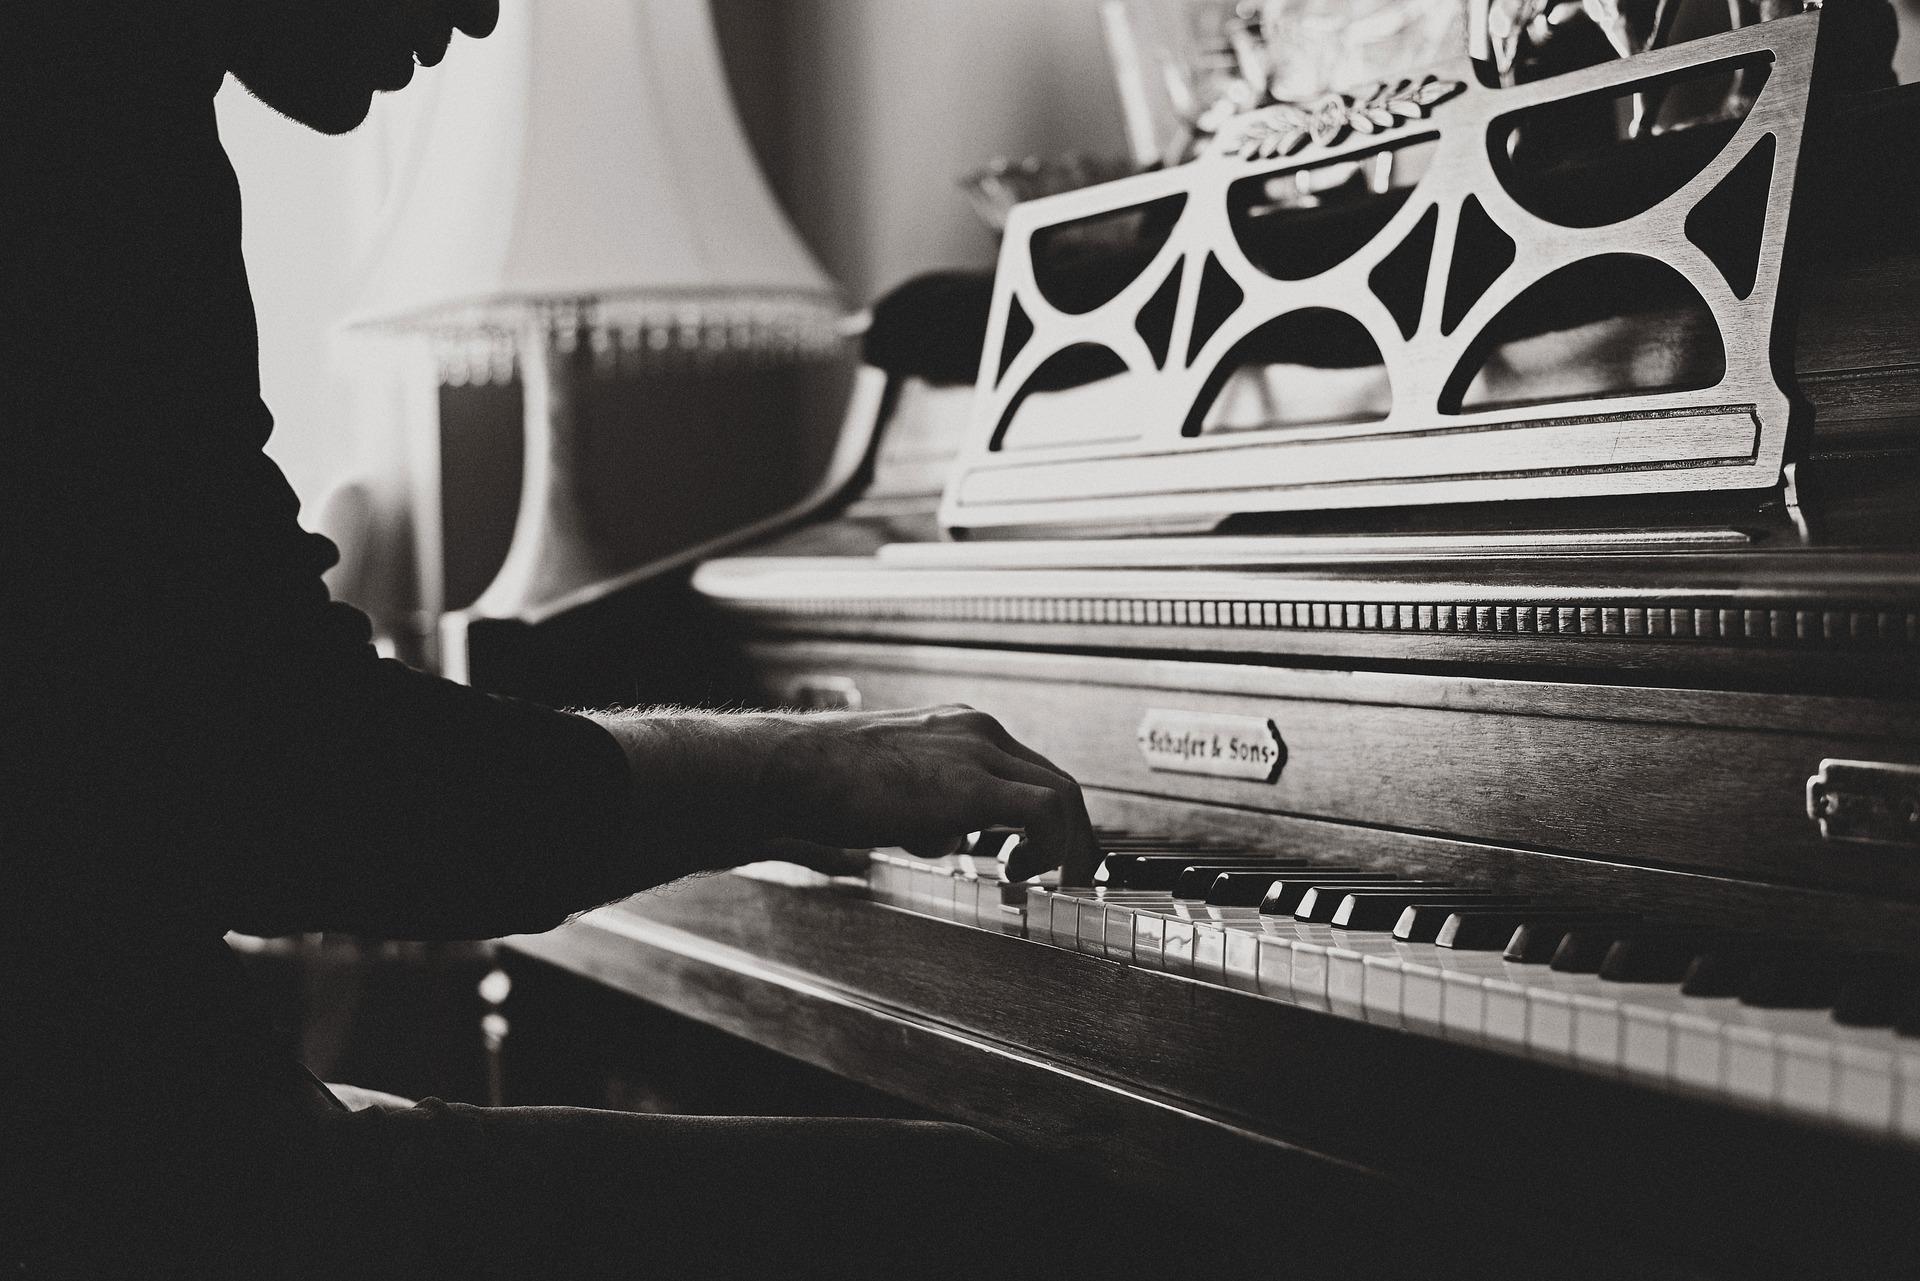 Eventos de verano en Chile: piano y música en la semana de Frutillar